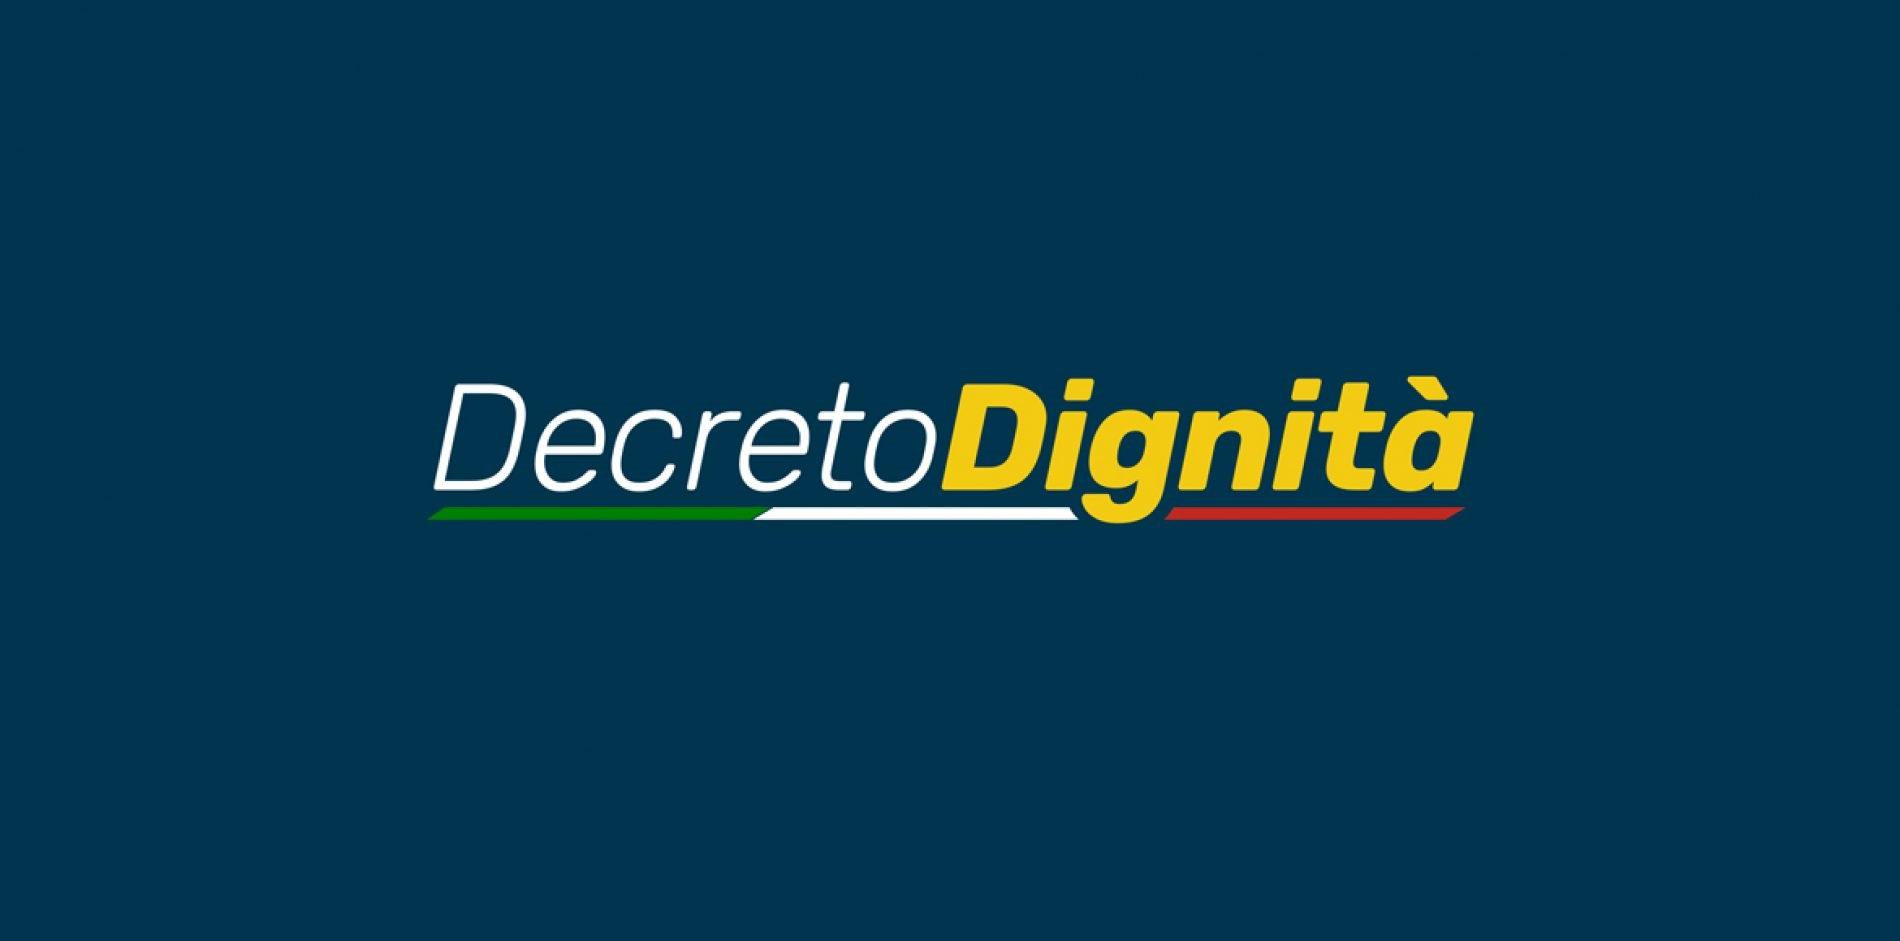 Decreto Dignità: una visione d'insieme delle principali novità fiscali